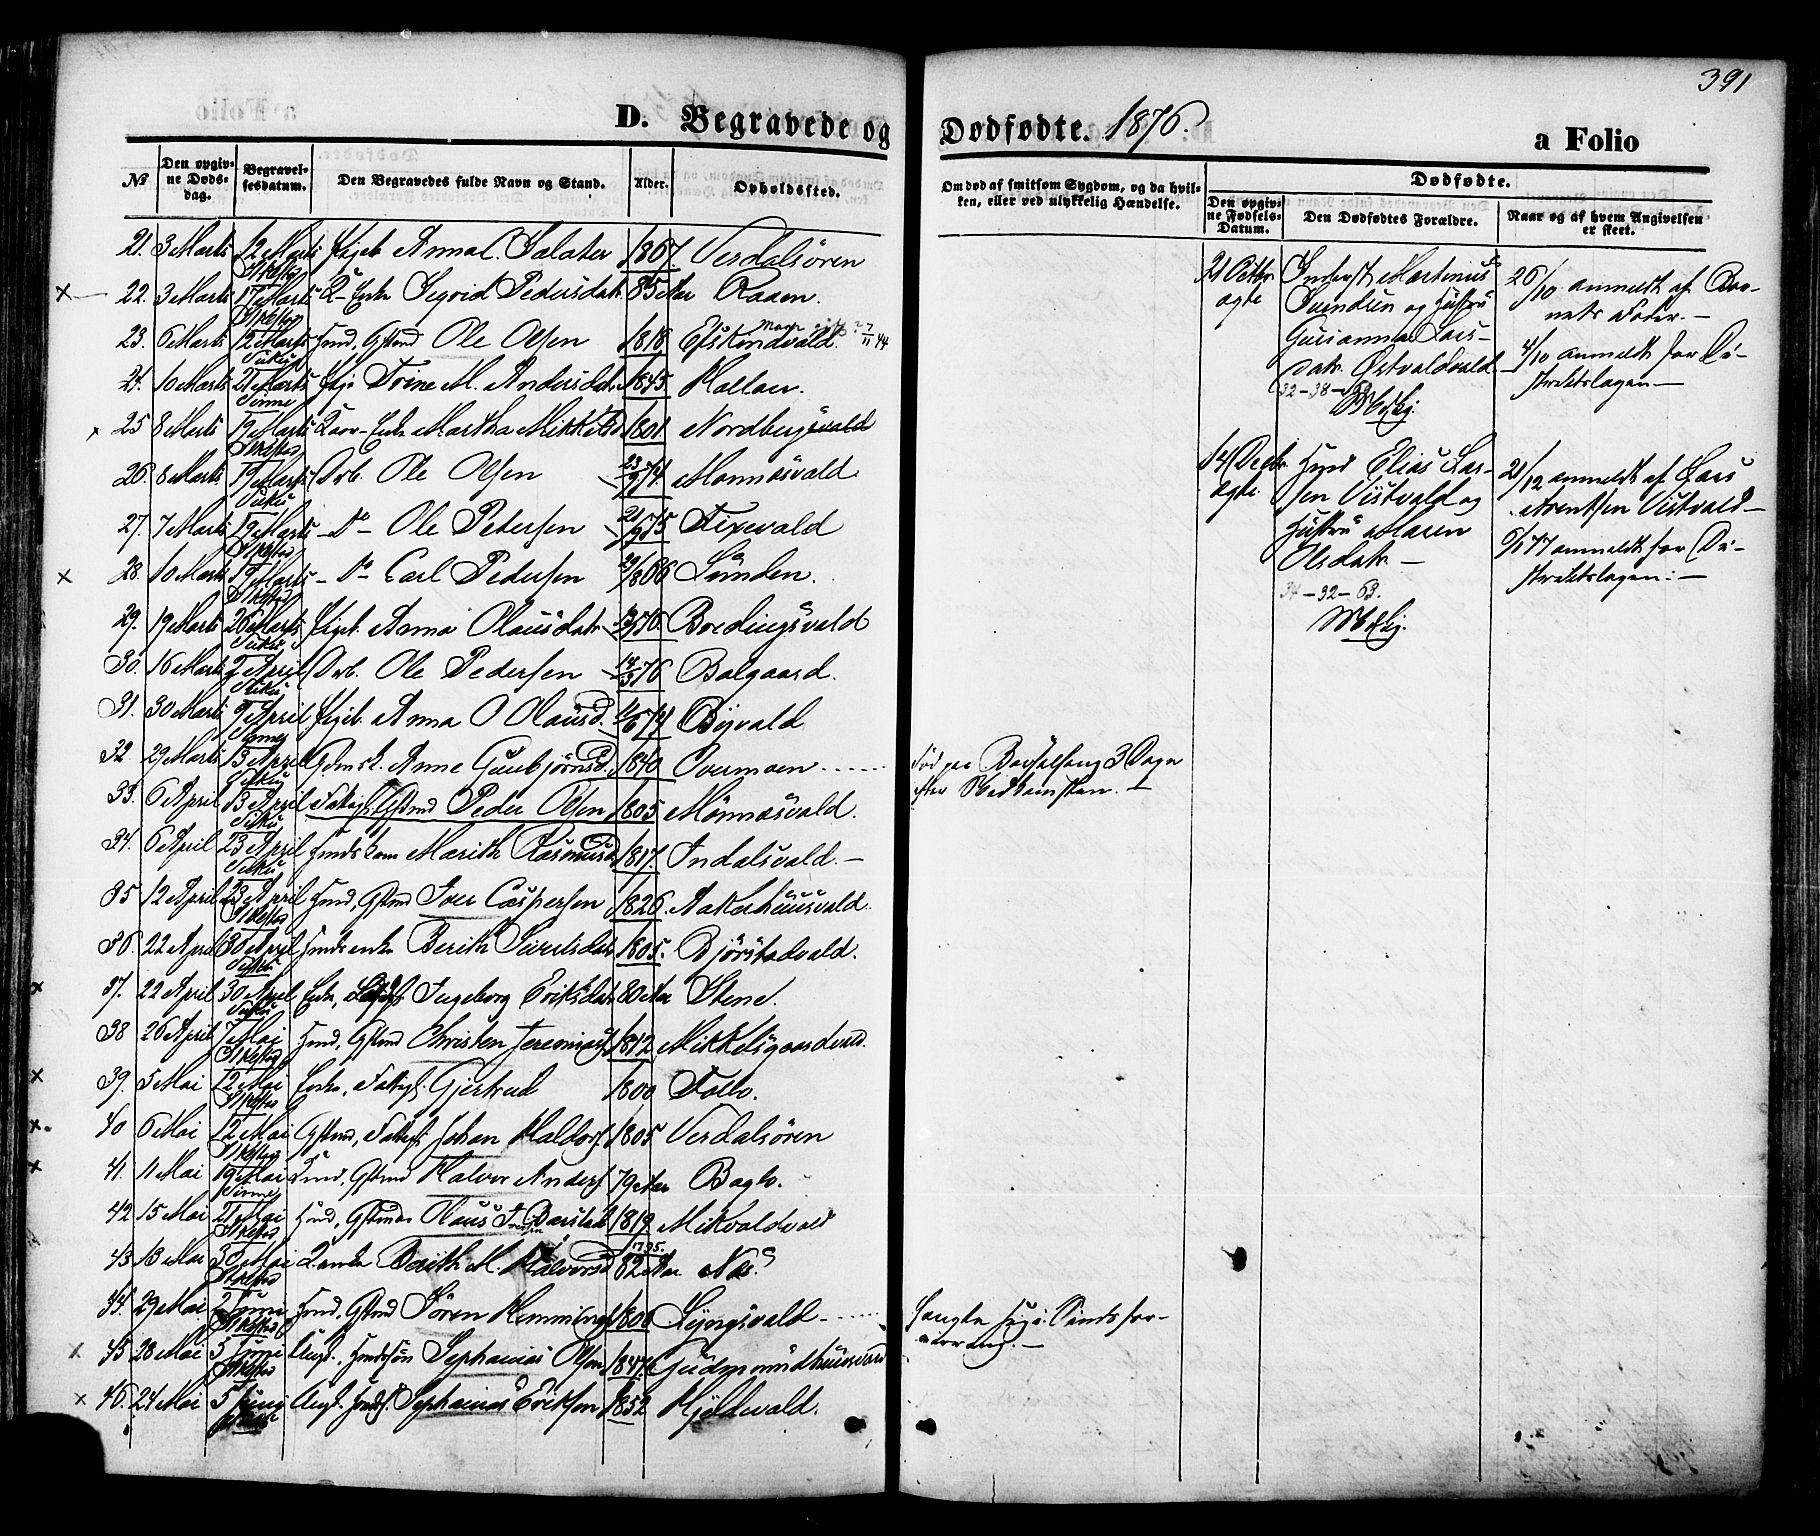 SAT, Ministerialprotokoller, klokkerbøker og fødselsregistre - Nord-Trøndelag, 723/L0242: Ministerialbok nr. 723A11, 1870-1880, s. 391